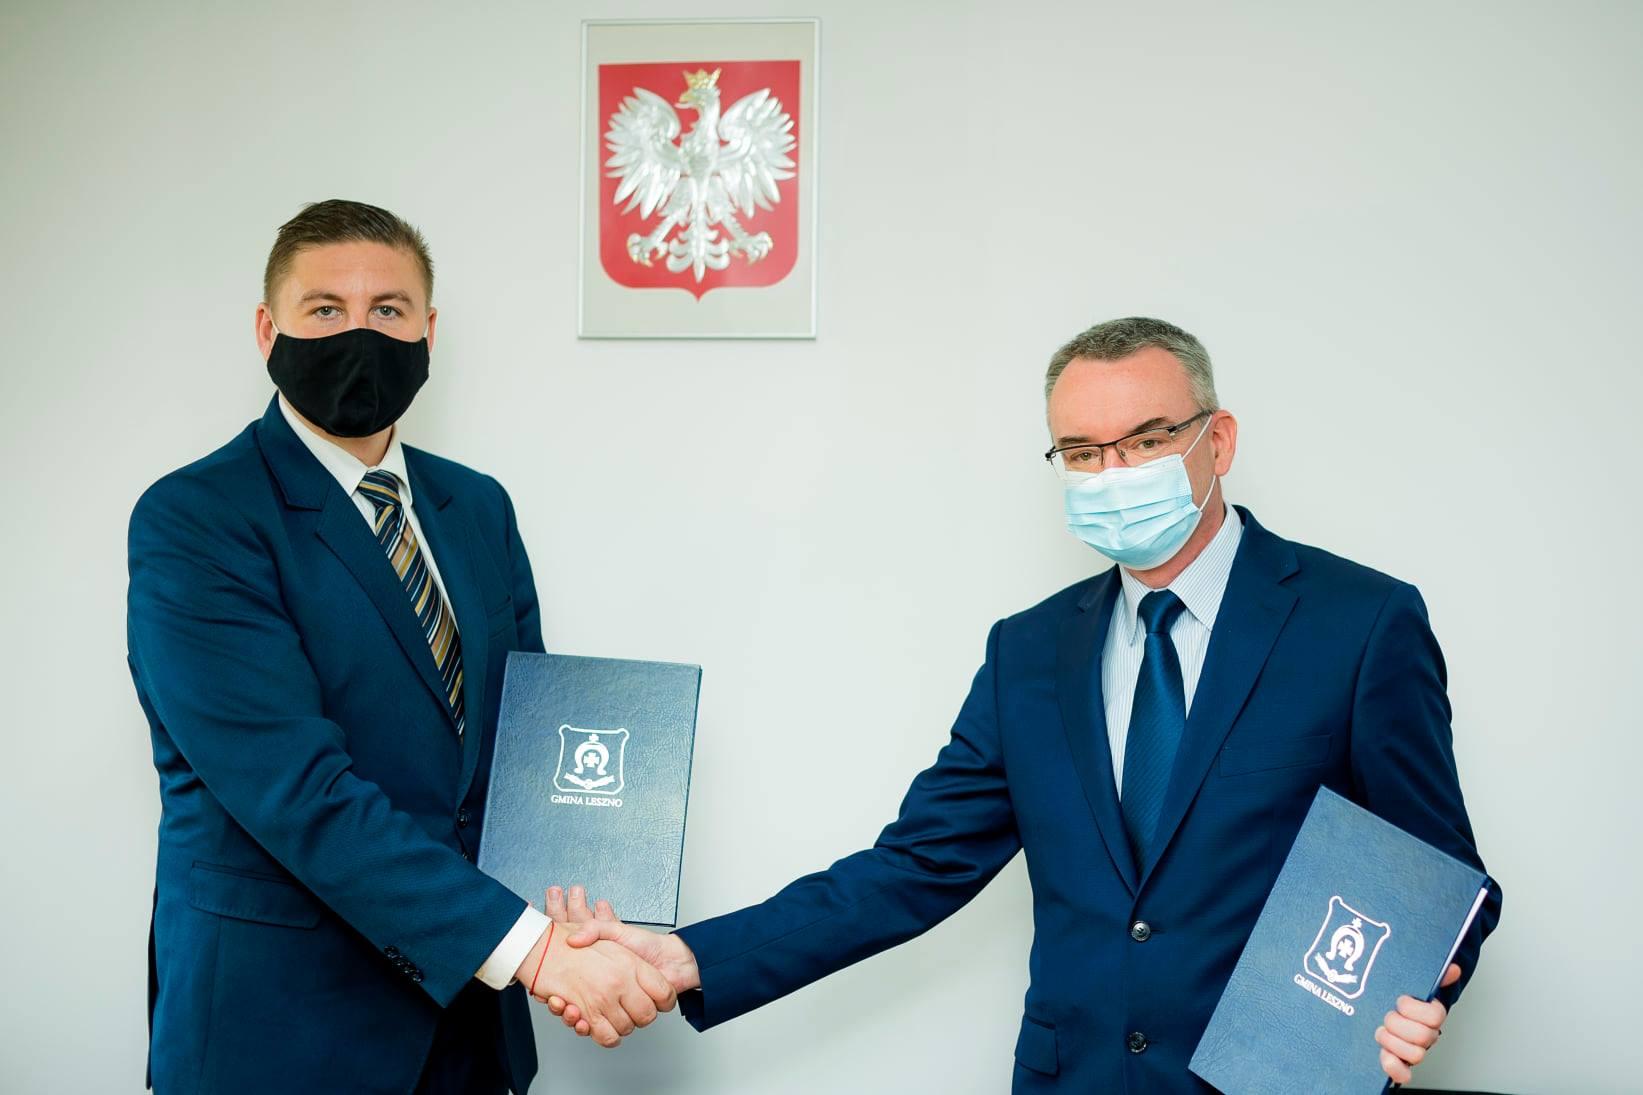 KZN podpisał porozumienie o współpracy z gminą Leszno